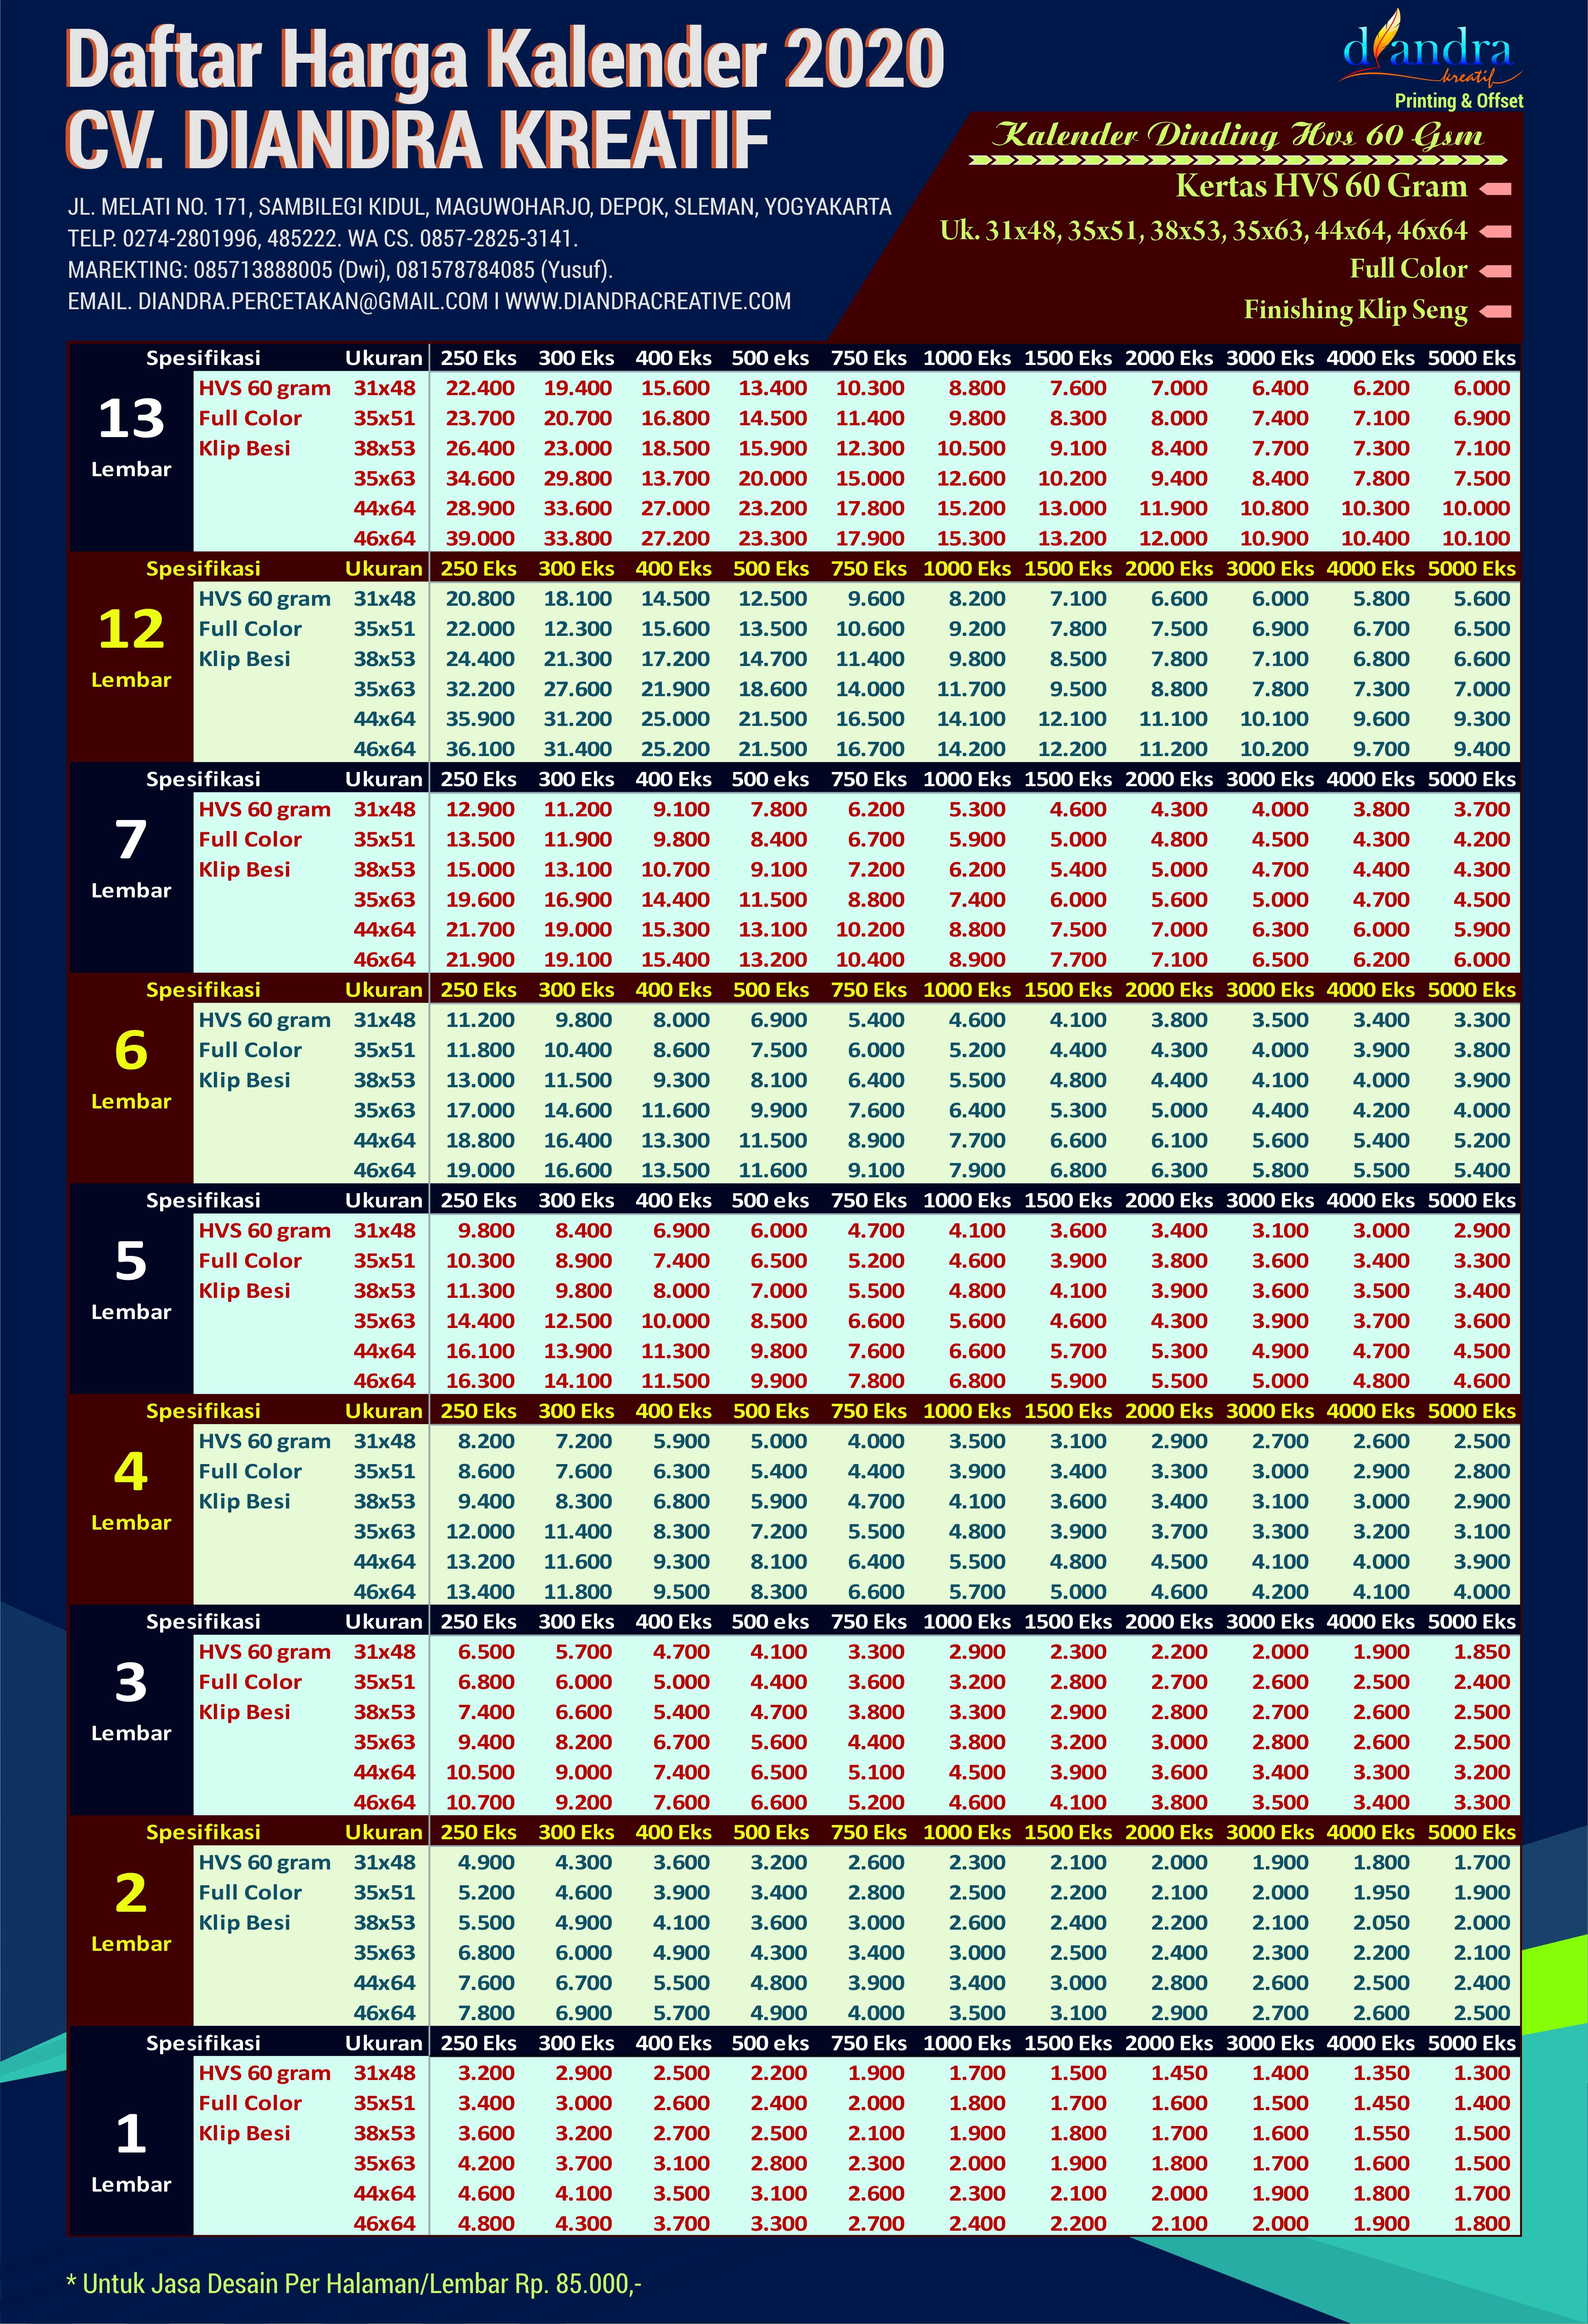 Kalender HVS 60 Gram 2020